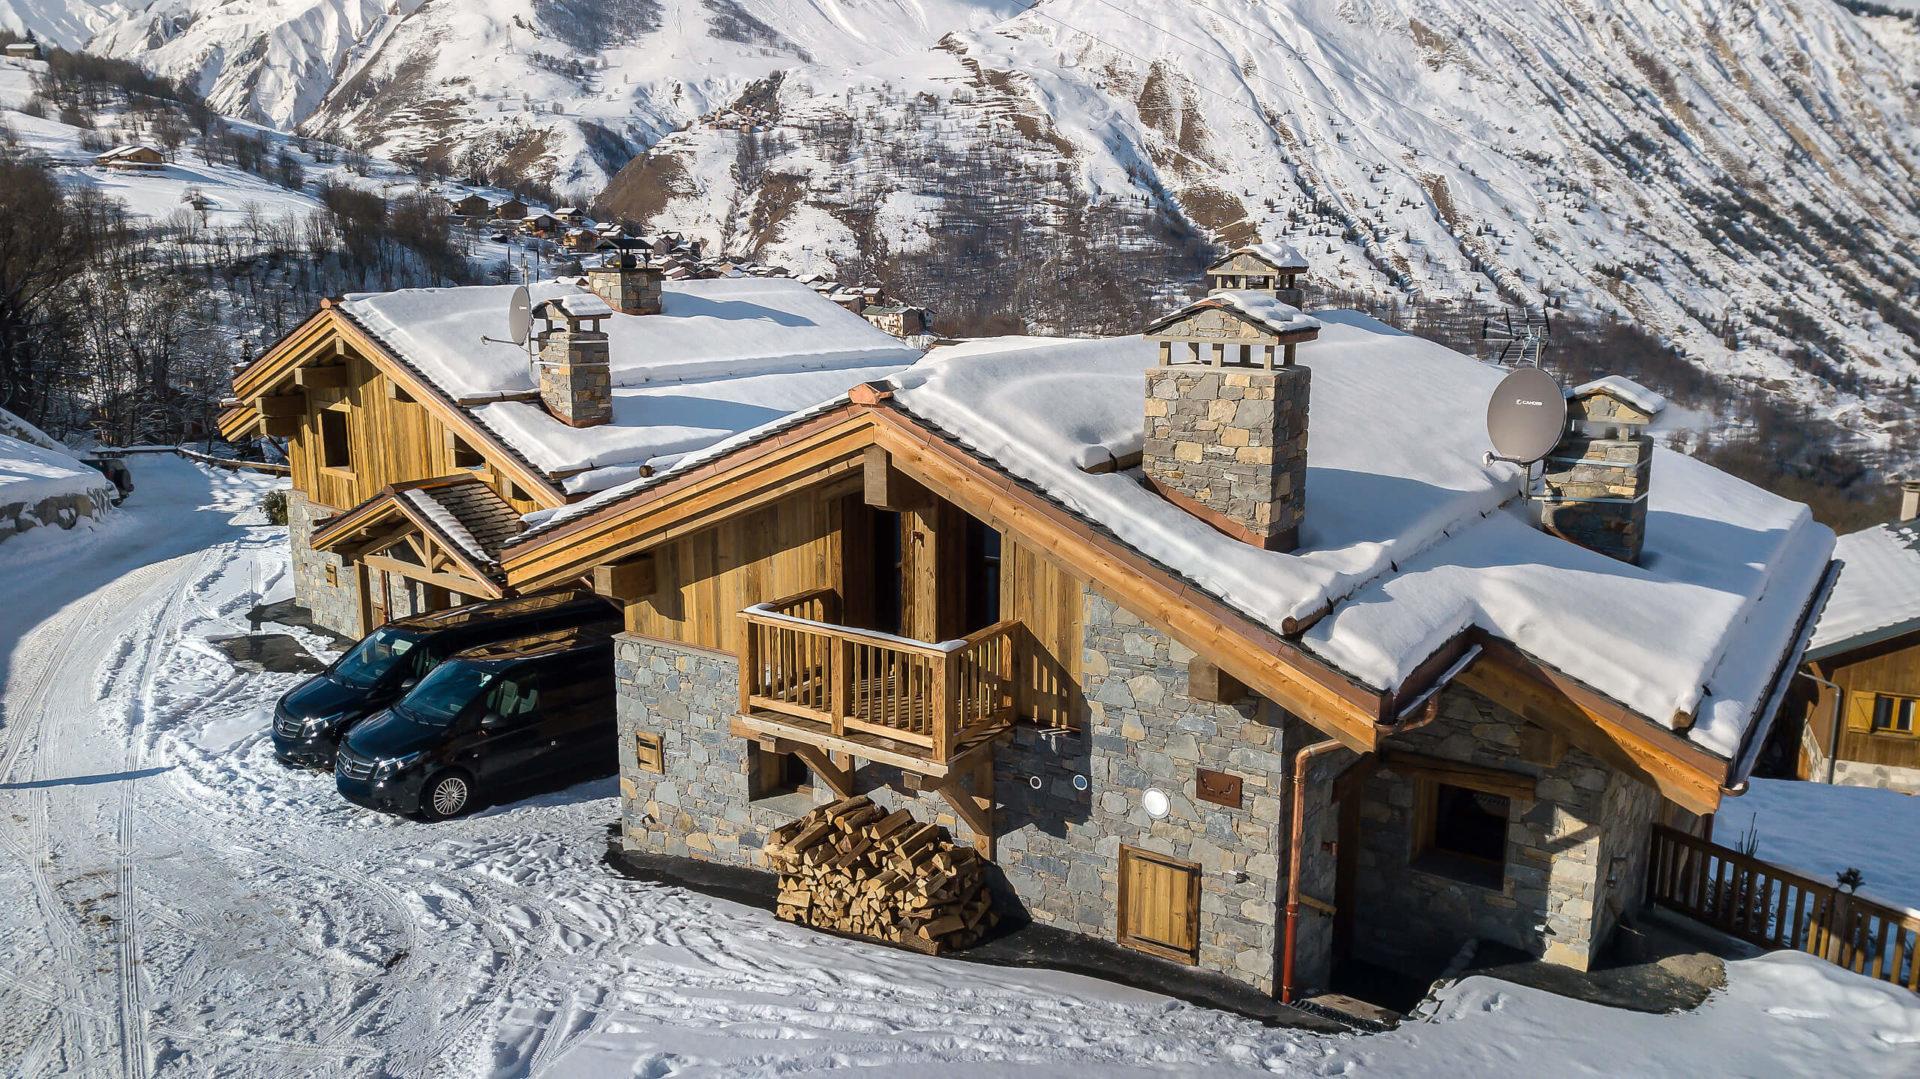 Les Chalets du Nant du Four / Vue 5 / Saint Martin de Belleville, Savoie